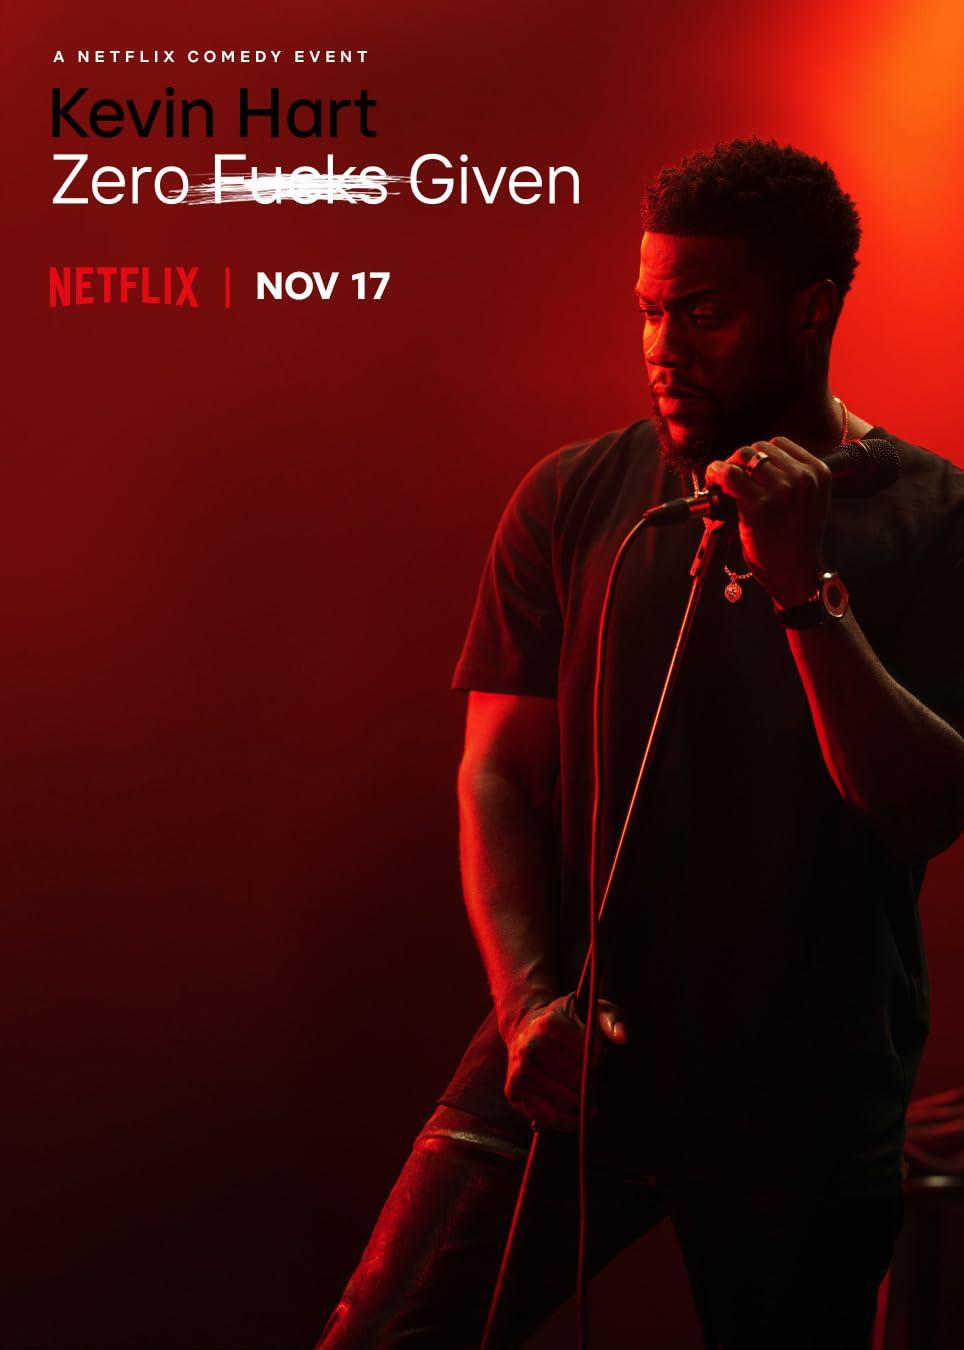 凱文·哈特:管他的 | awwrated | 你的 Netflix 避雷好幫手!